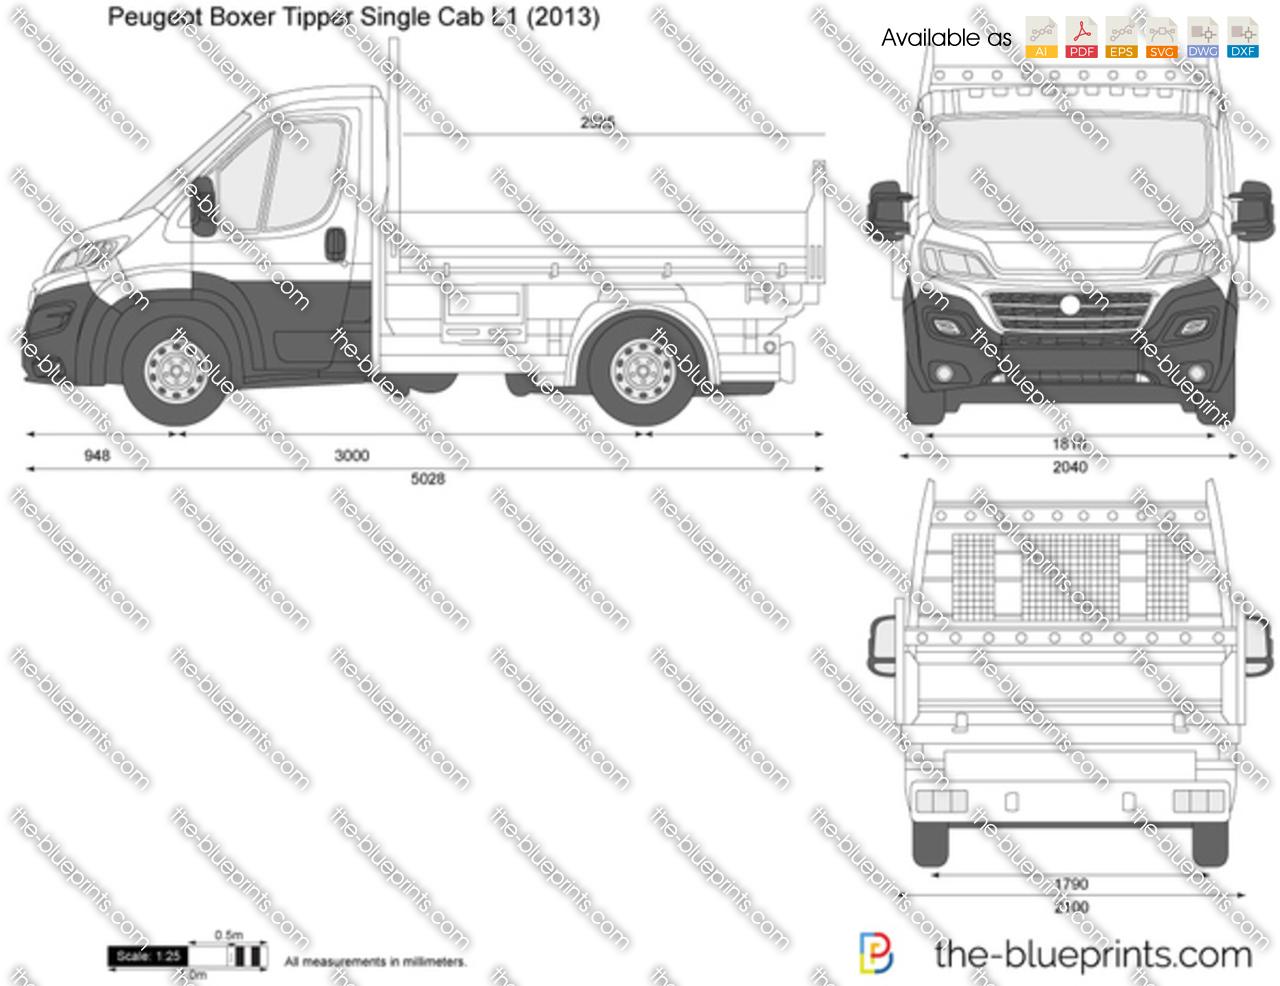 Peugeot Boxer Tipper Single Cab L1